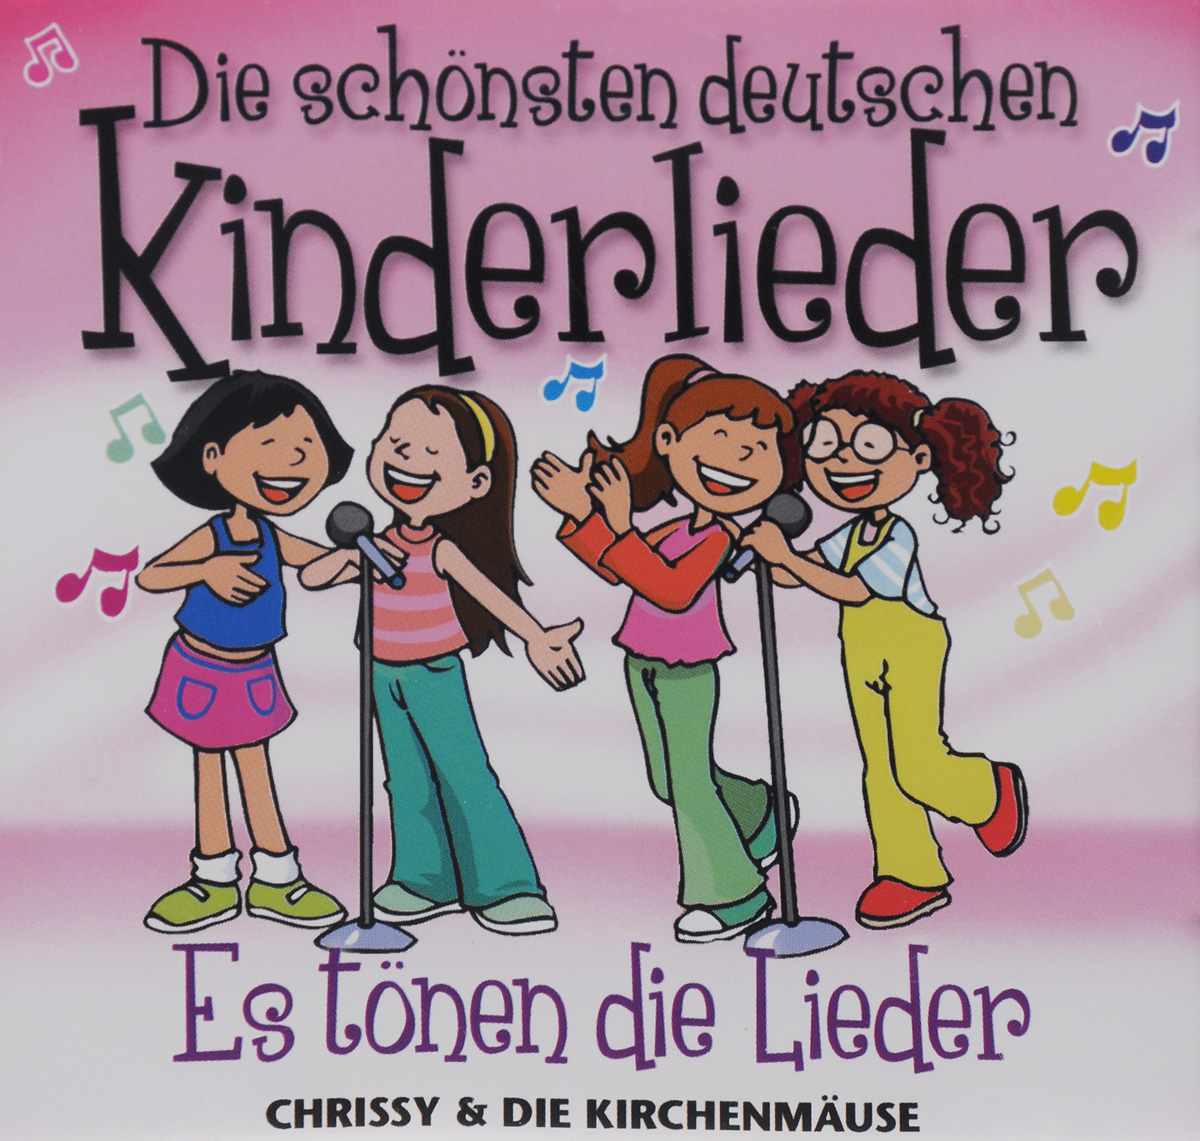 Chrissy,Die Kirchenmause Die Schonsten Deutschen Kinderlieder. Es Tonen die Lieder (CD) гель лак для ногтей pupa lasting color gel 019 цвет 019 sumptuous mane variant hex name c93a56